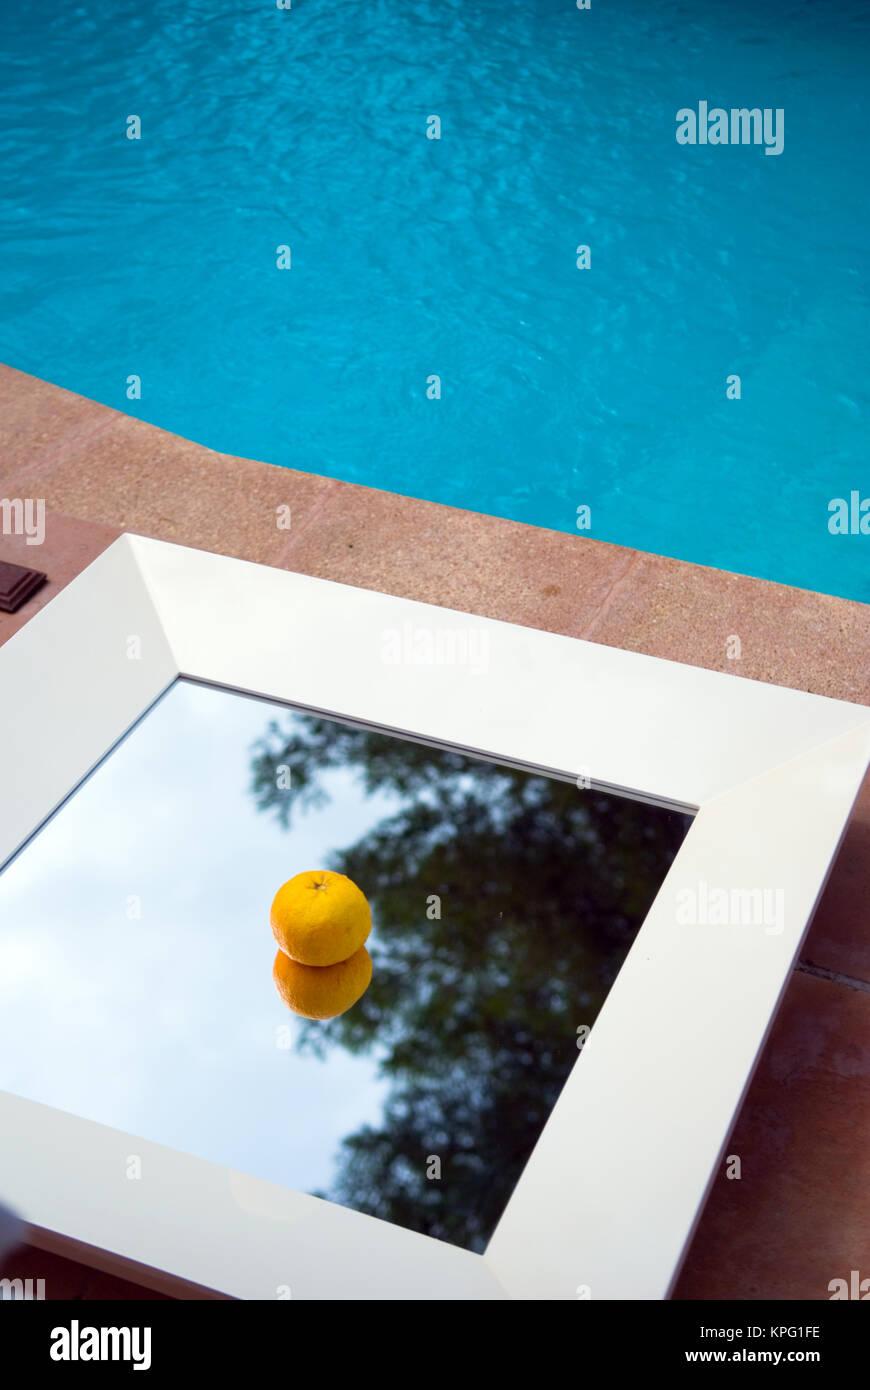 Eine einzelne orange sitzt auf einem Spiegel Tisch an der Seite von einem Pool Stockbild